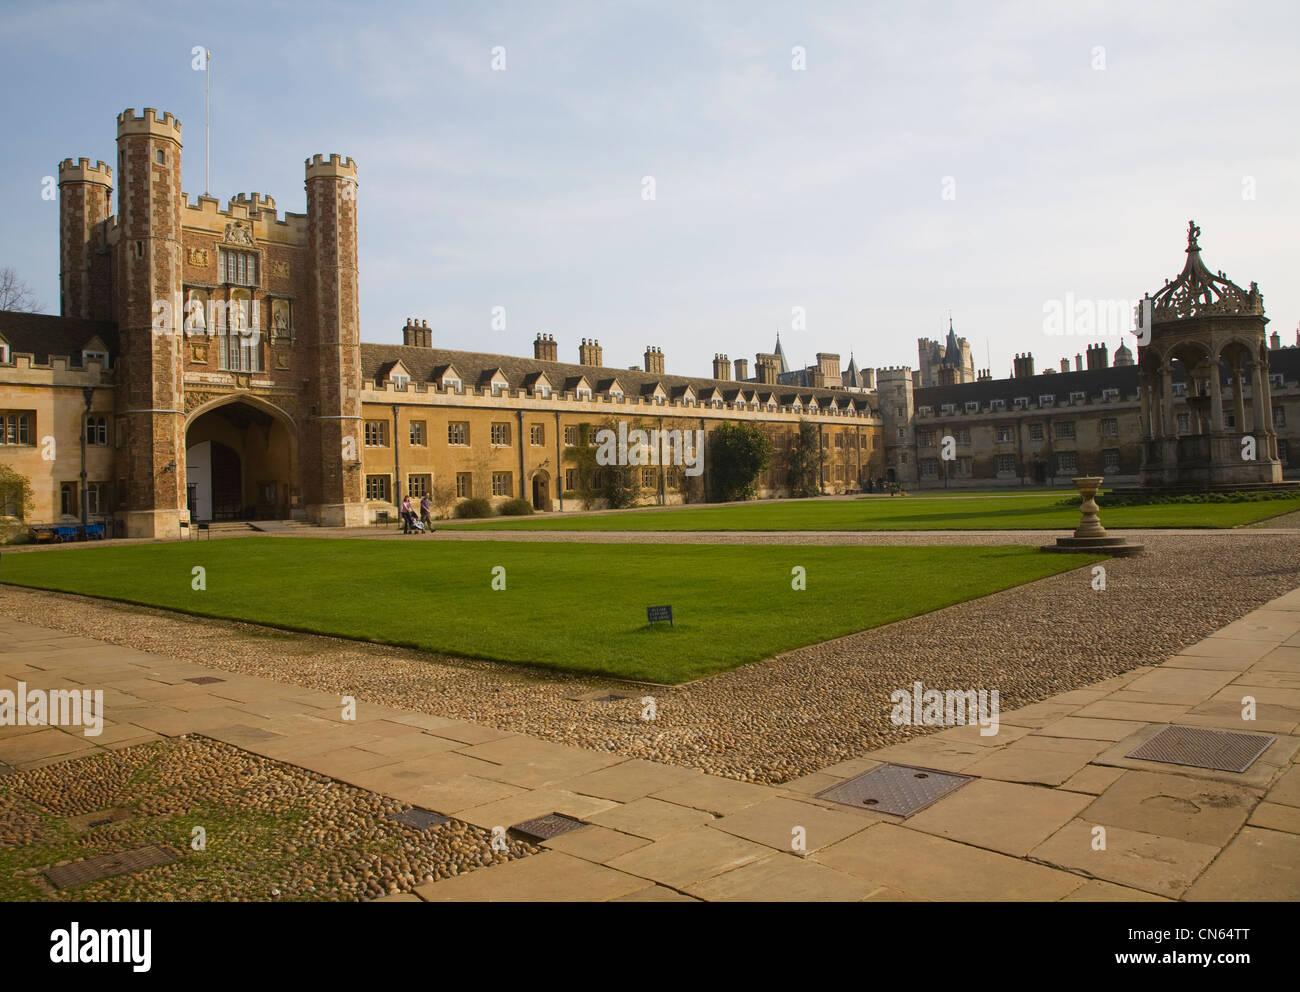 Trinity College Cambridge University England Stock Photo